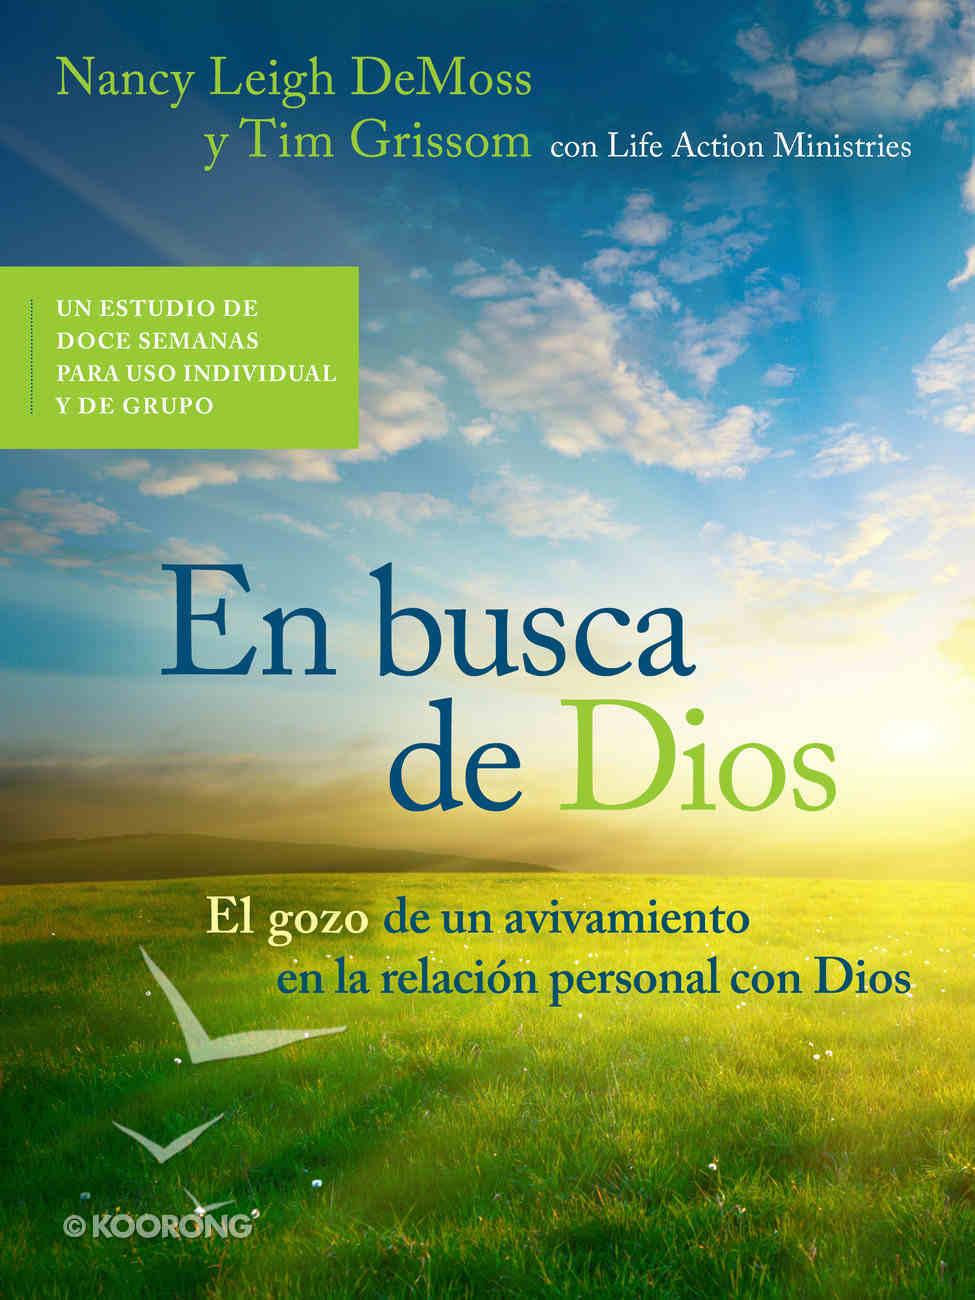 En Busca De Dios: El Gozo De Un Avivamiento En La Relacion Personal Con Dios (In Search Of God) Paperback